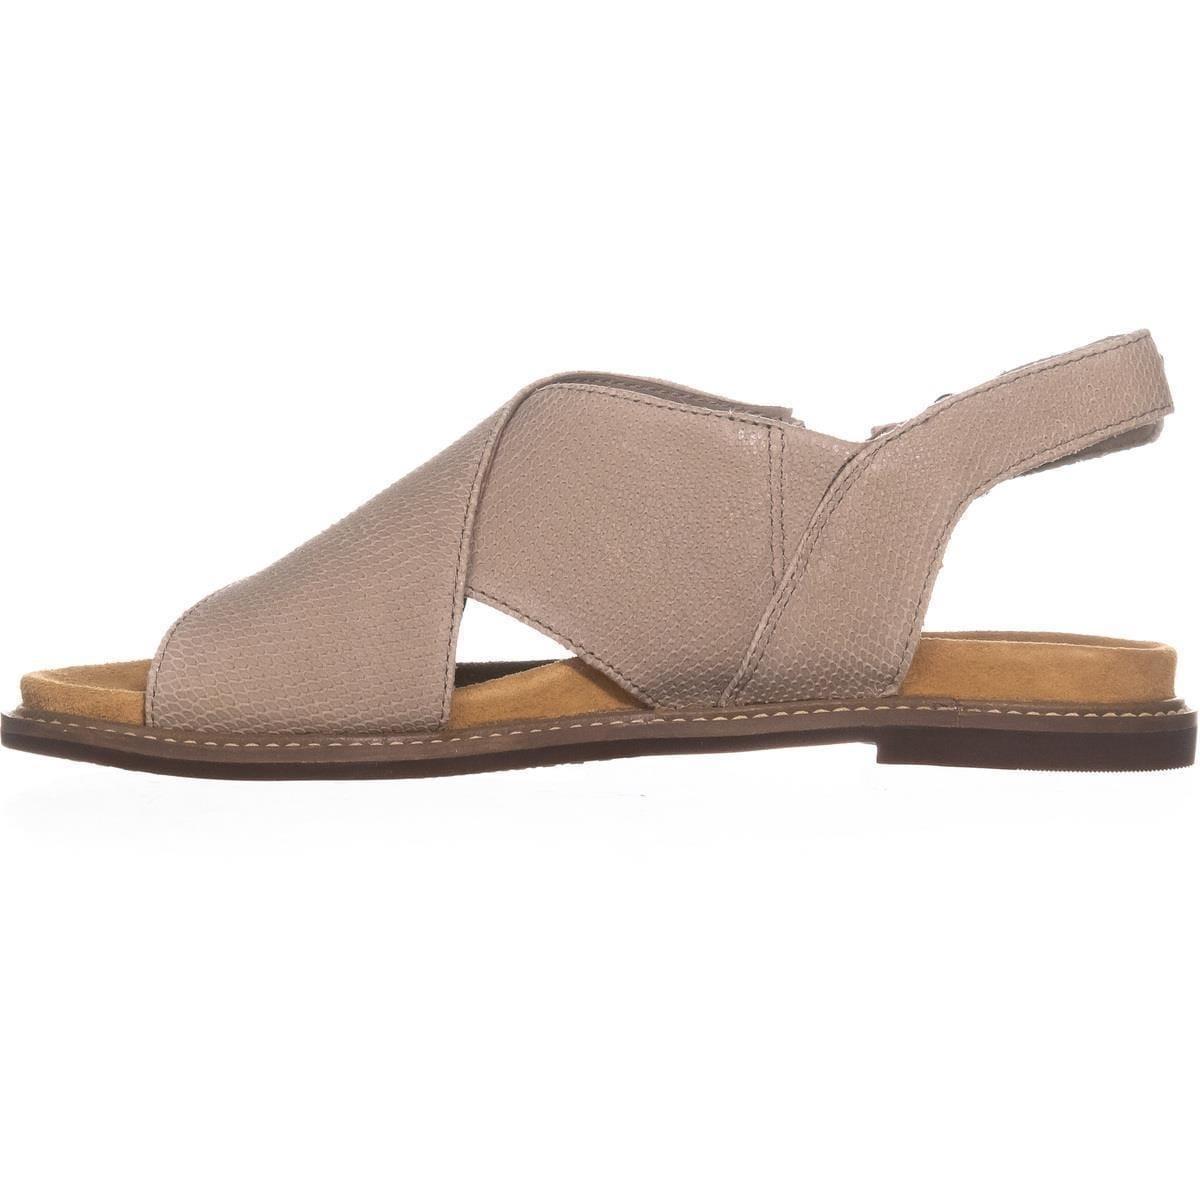 90f75c3898d Shop Clarks Corsio Calm Criss Cross Sandals